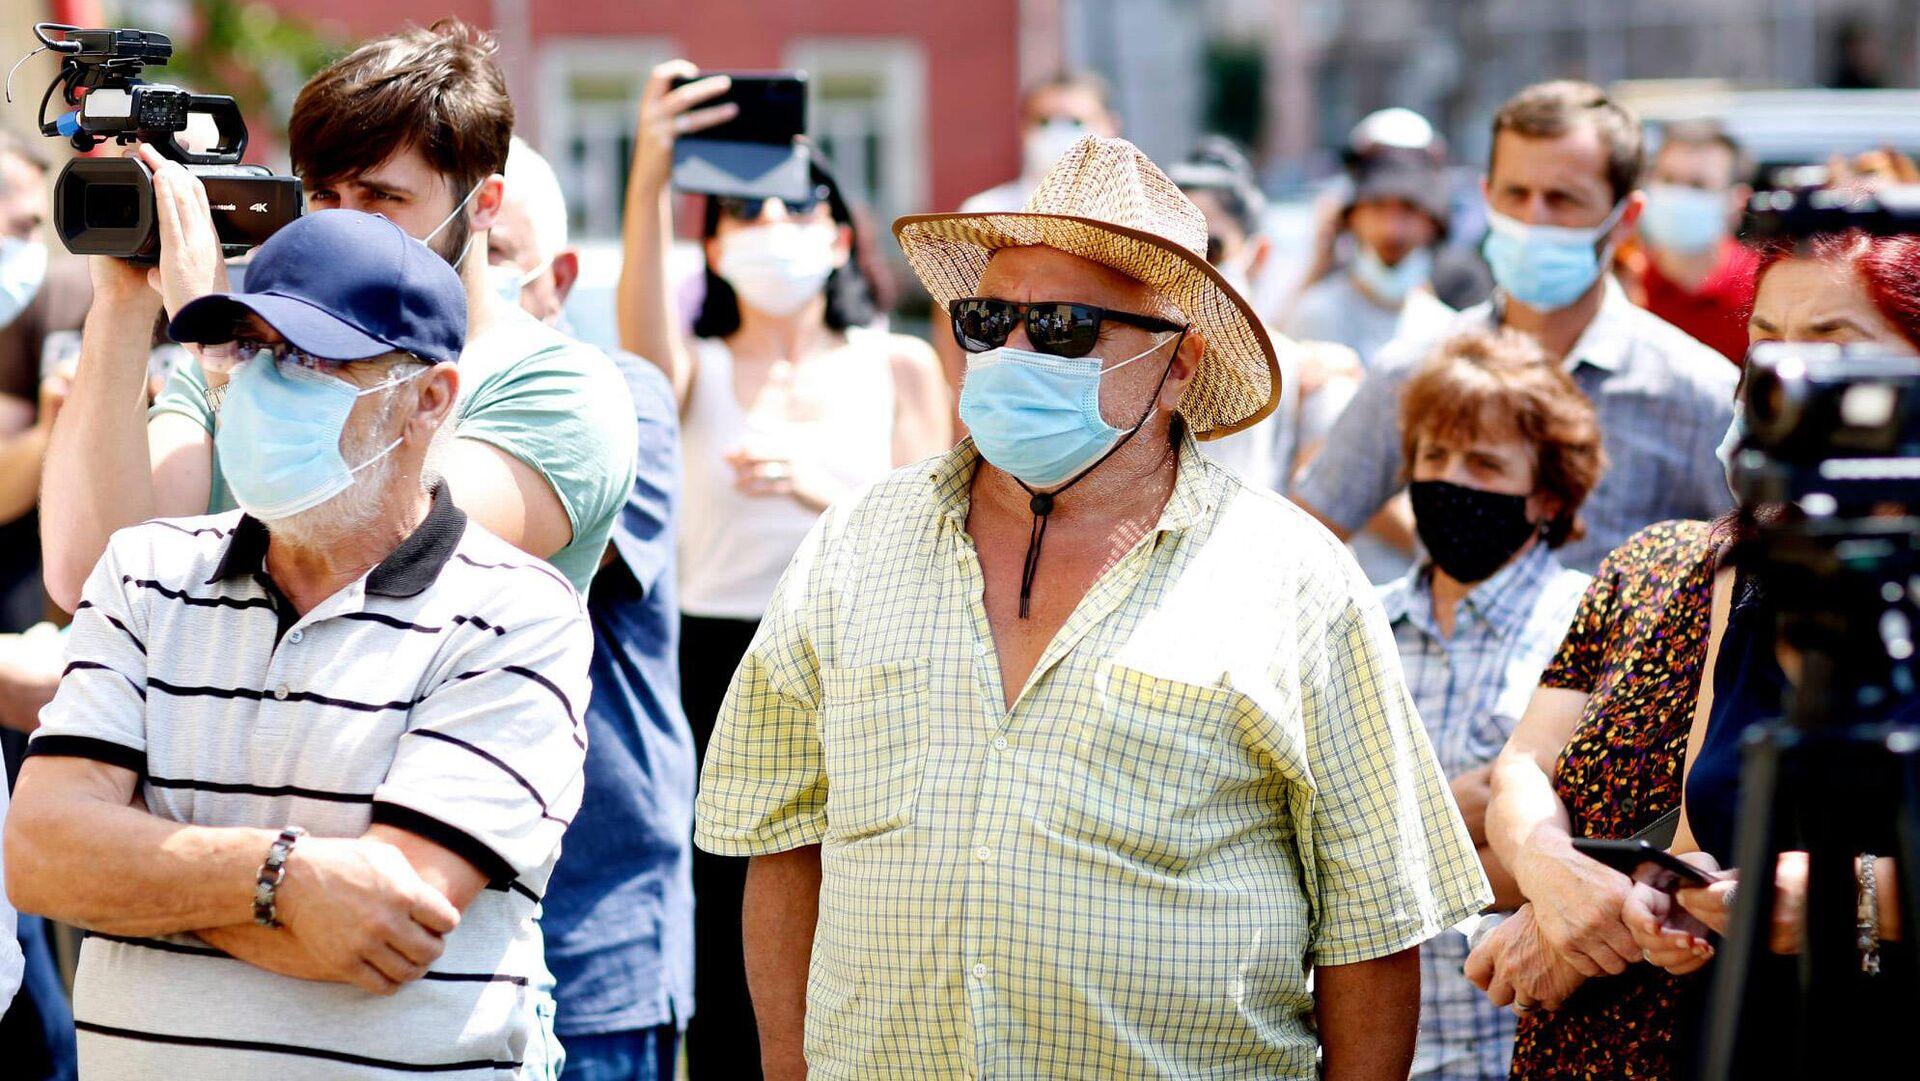 Эпидемия коронавируса - избиратели на предвыборной встрече в масках - Sputnik Грузия, 1920, 02.09.2021